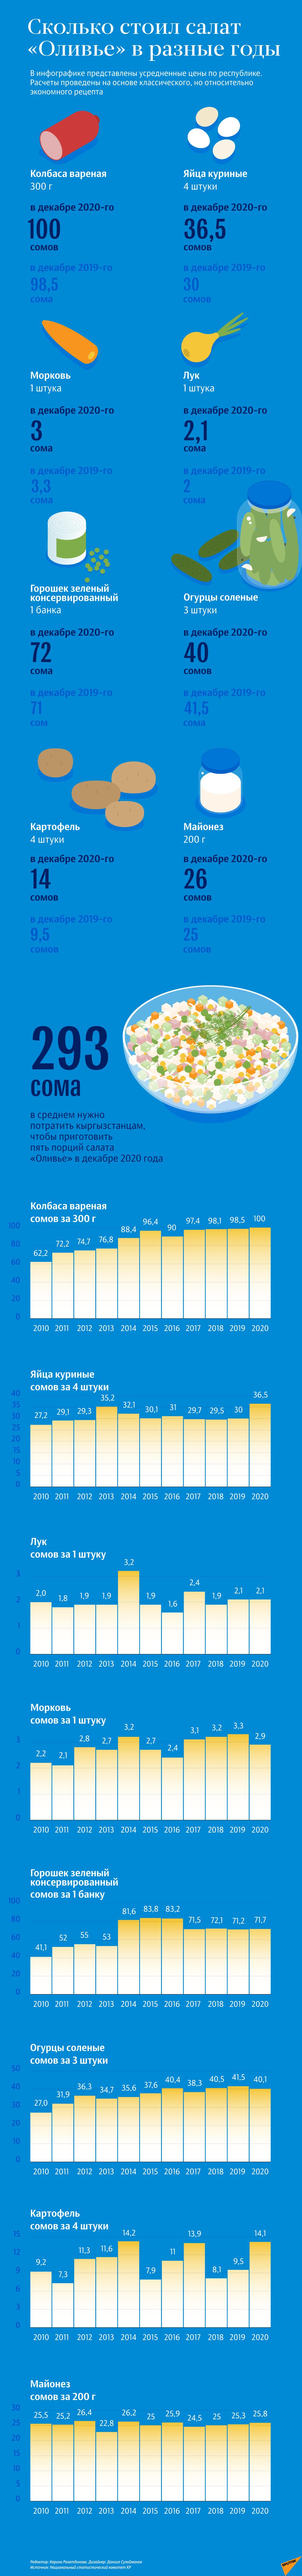 Как за 10 лет изменилась стоимость ингредиентов оливье в КР